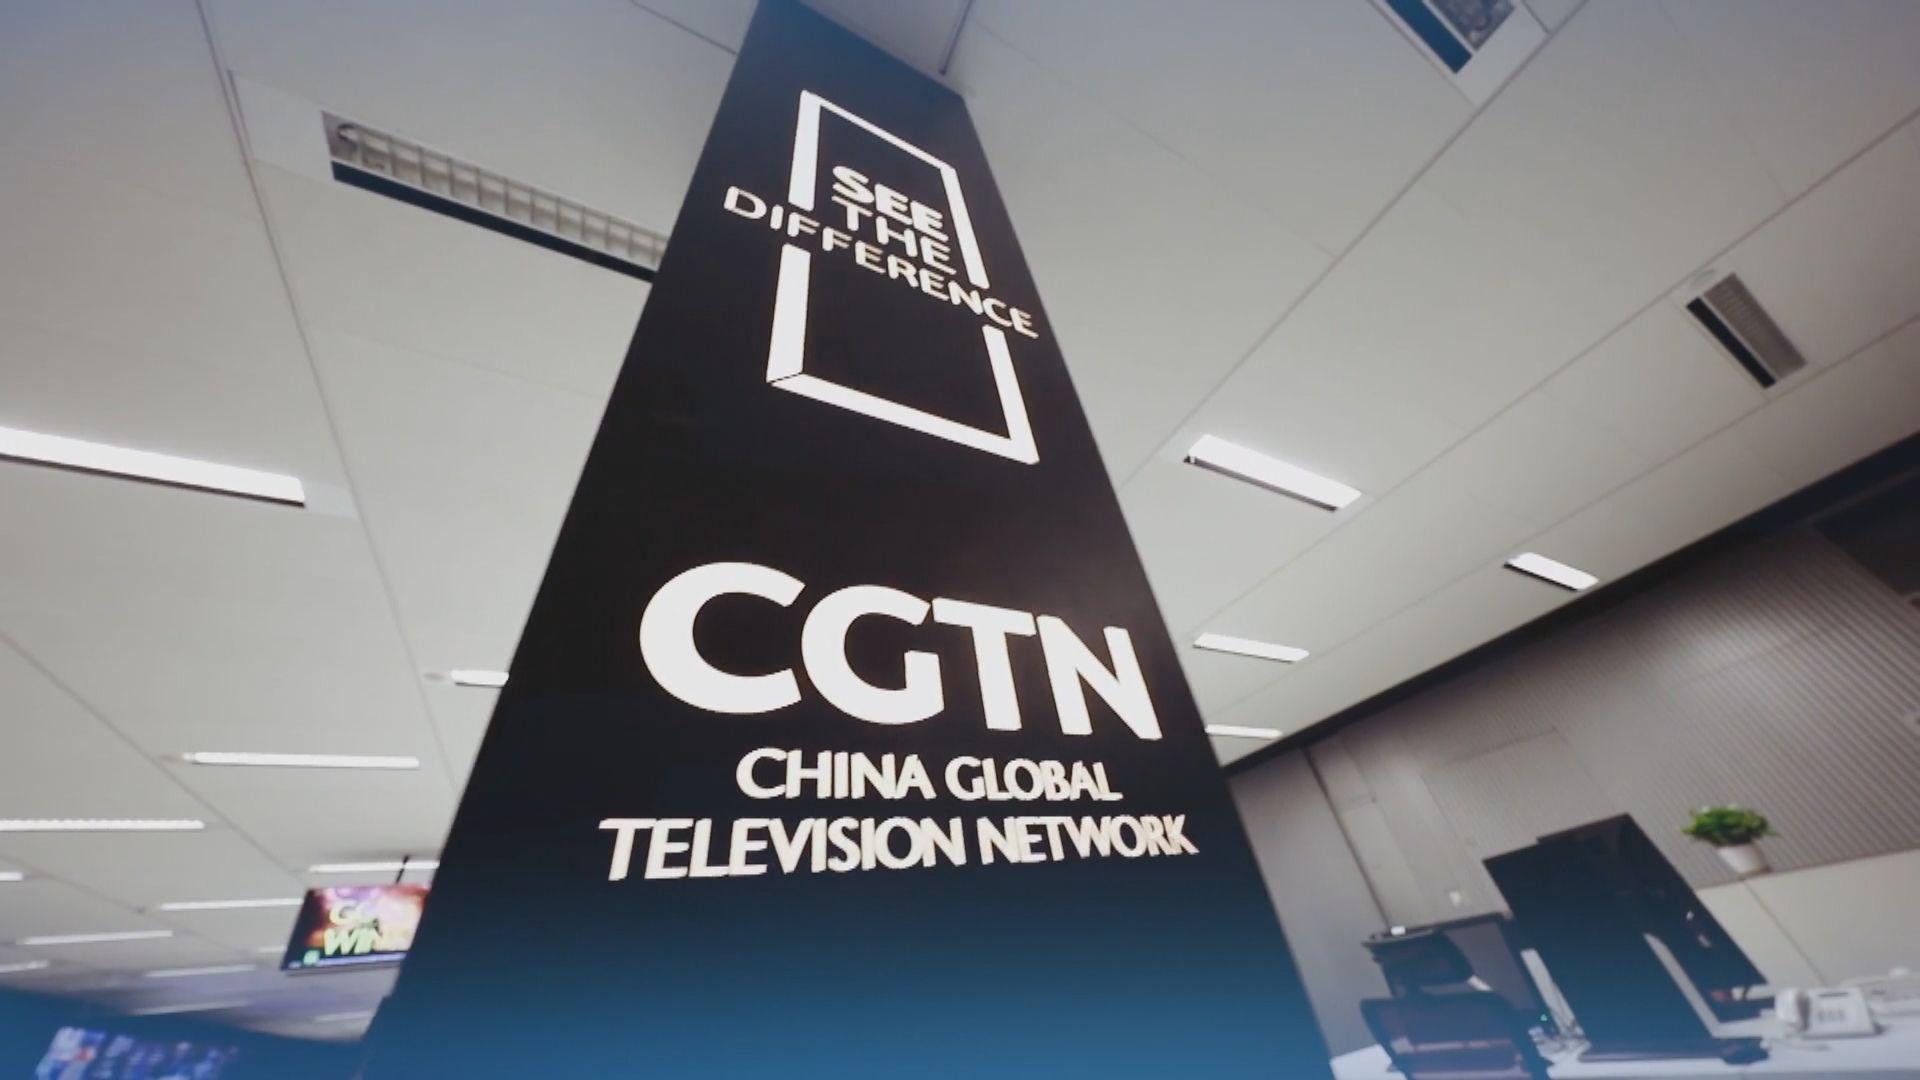 外交部:堅決反對英方撤銷CGTN牌照 敦促立即糾正